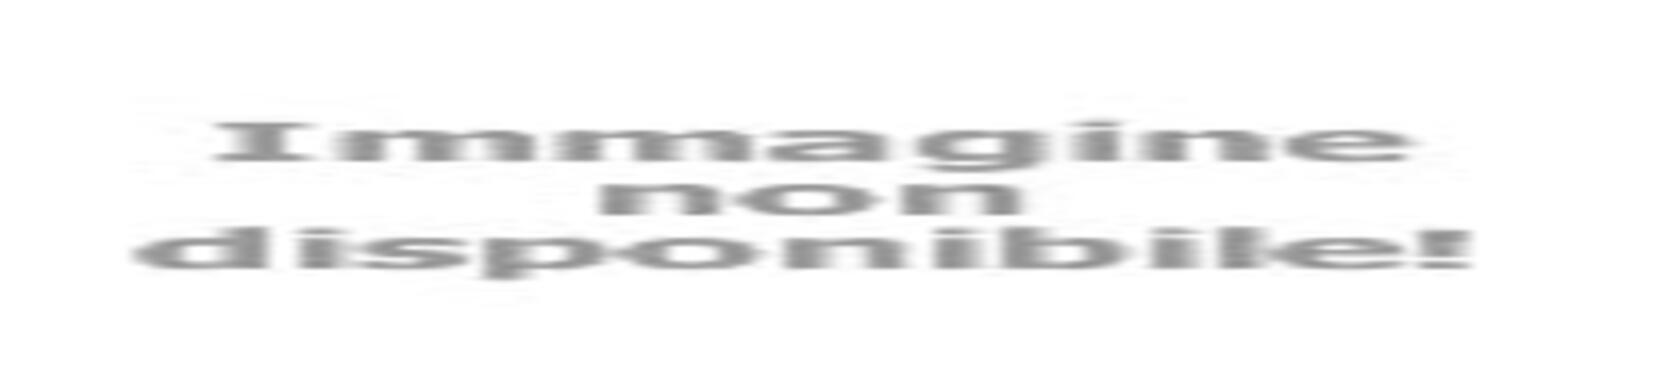 basketriminicrabs it 2-2796-settore-giovanile-u14-elite-crabs-fermati-dalla-capolista 003